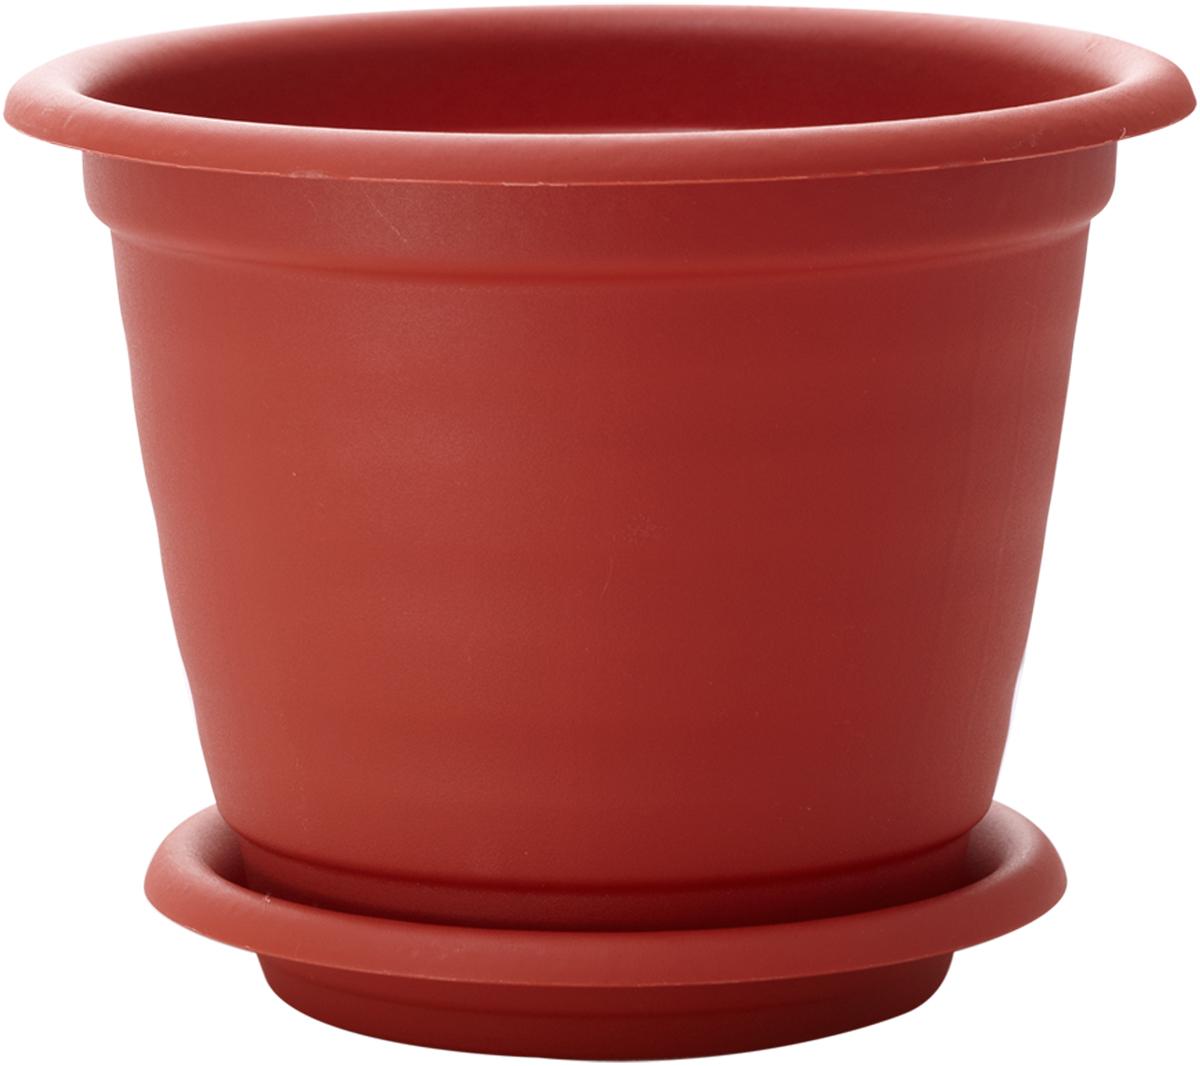 Горшок для цветов InGreen Натура, с поддоном, цвет: терракотовый, диаметр 21 смING42024FМРГоршок InGreen Натура, выполненный из высококачественного полипропилена (пластика), предназначен для выращивания комнатных цветов, растений и трав. Специальная конструкция обеспечивает вентиляцию в корневой системе растения, а дренажные отверстия позволяют выходить лишней влаге из почвы. Такой горшок порадует вас современным дизайном и функциональностью, а также оригинально украсит интерьер любого помещения. Диаметр горшка (по верхнему краю): 21 см.Высота горшка: 16,5 см.